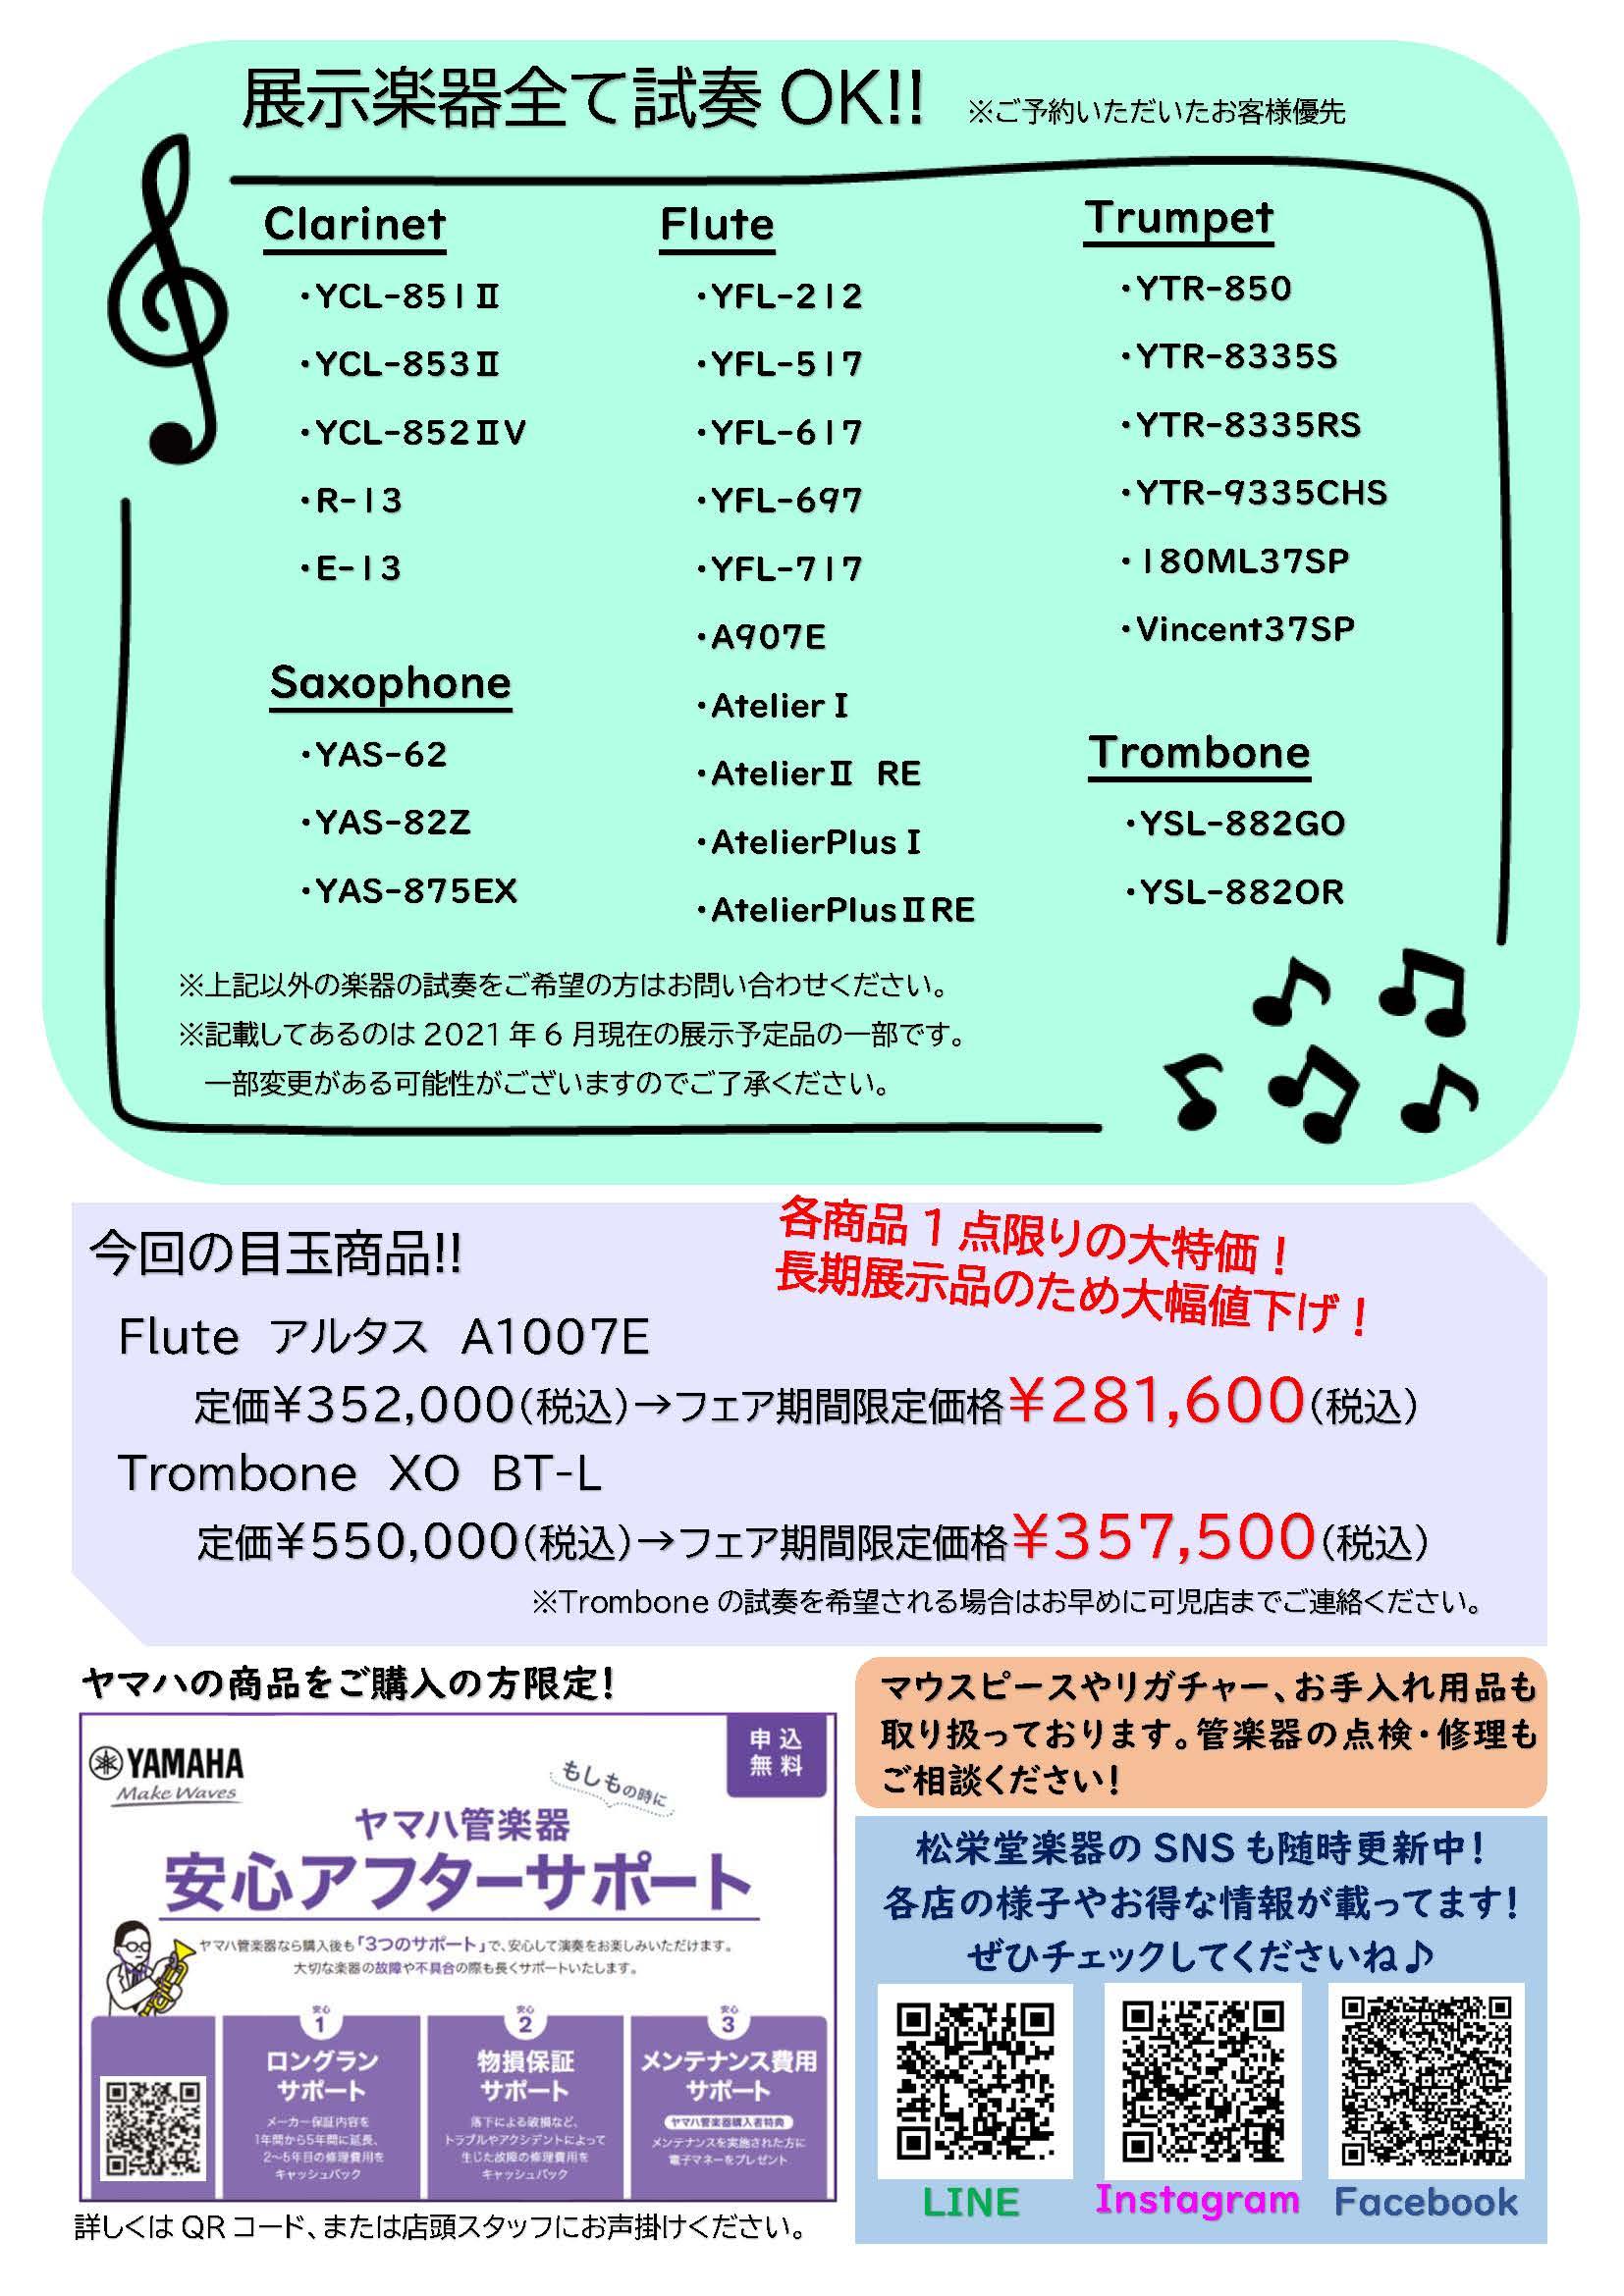 夏の管楽器フェア-裏